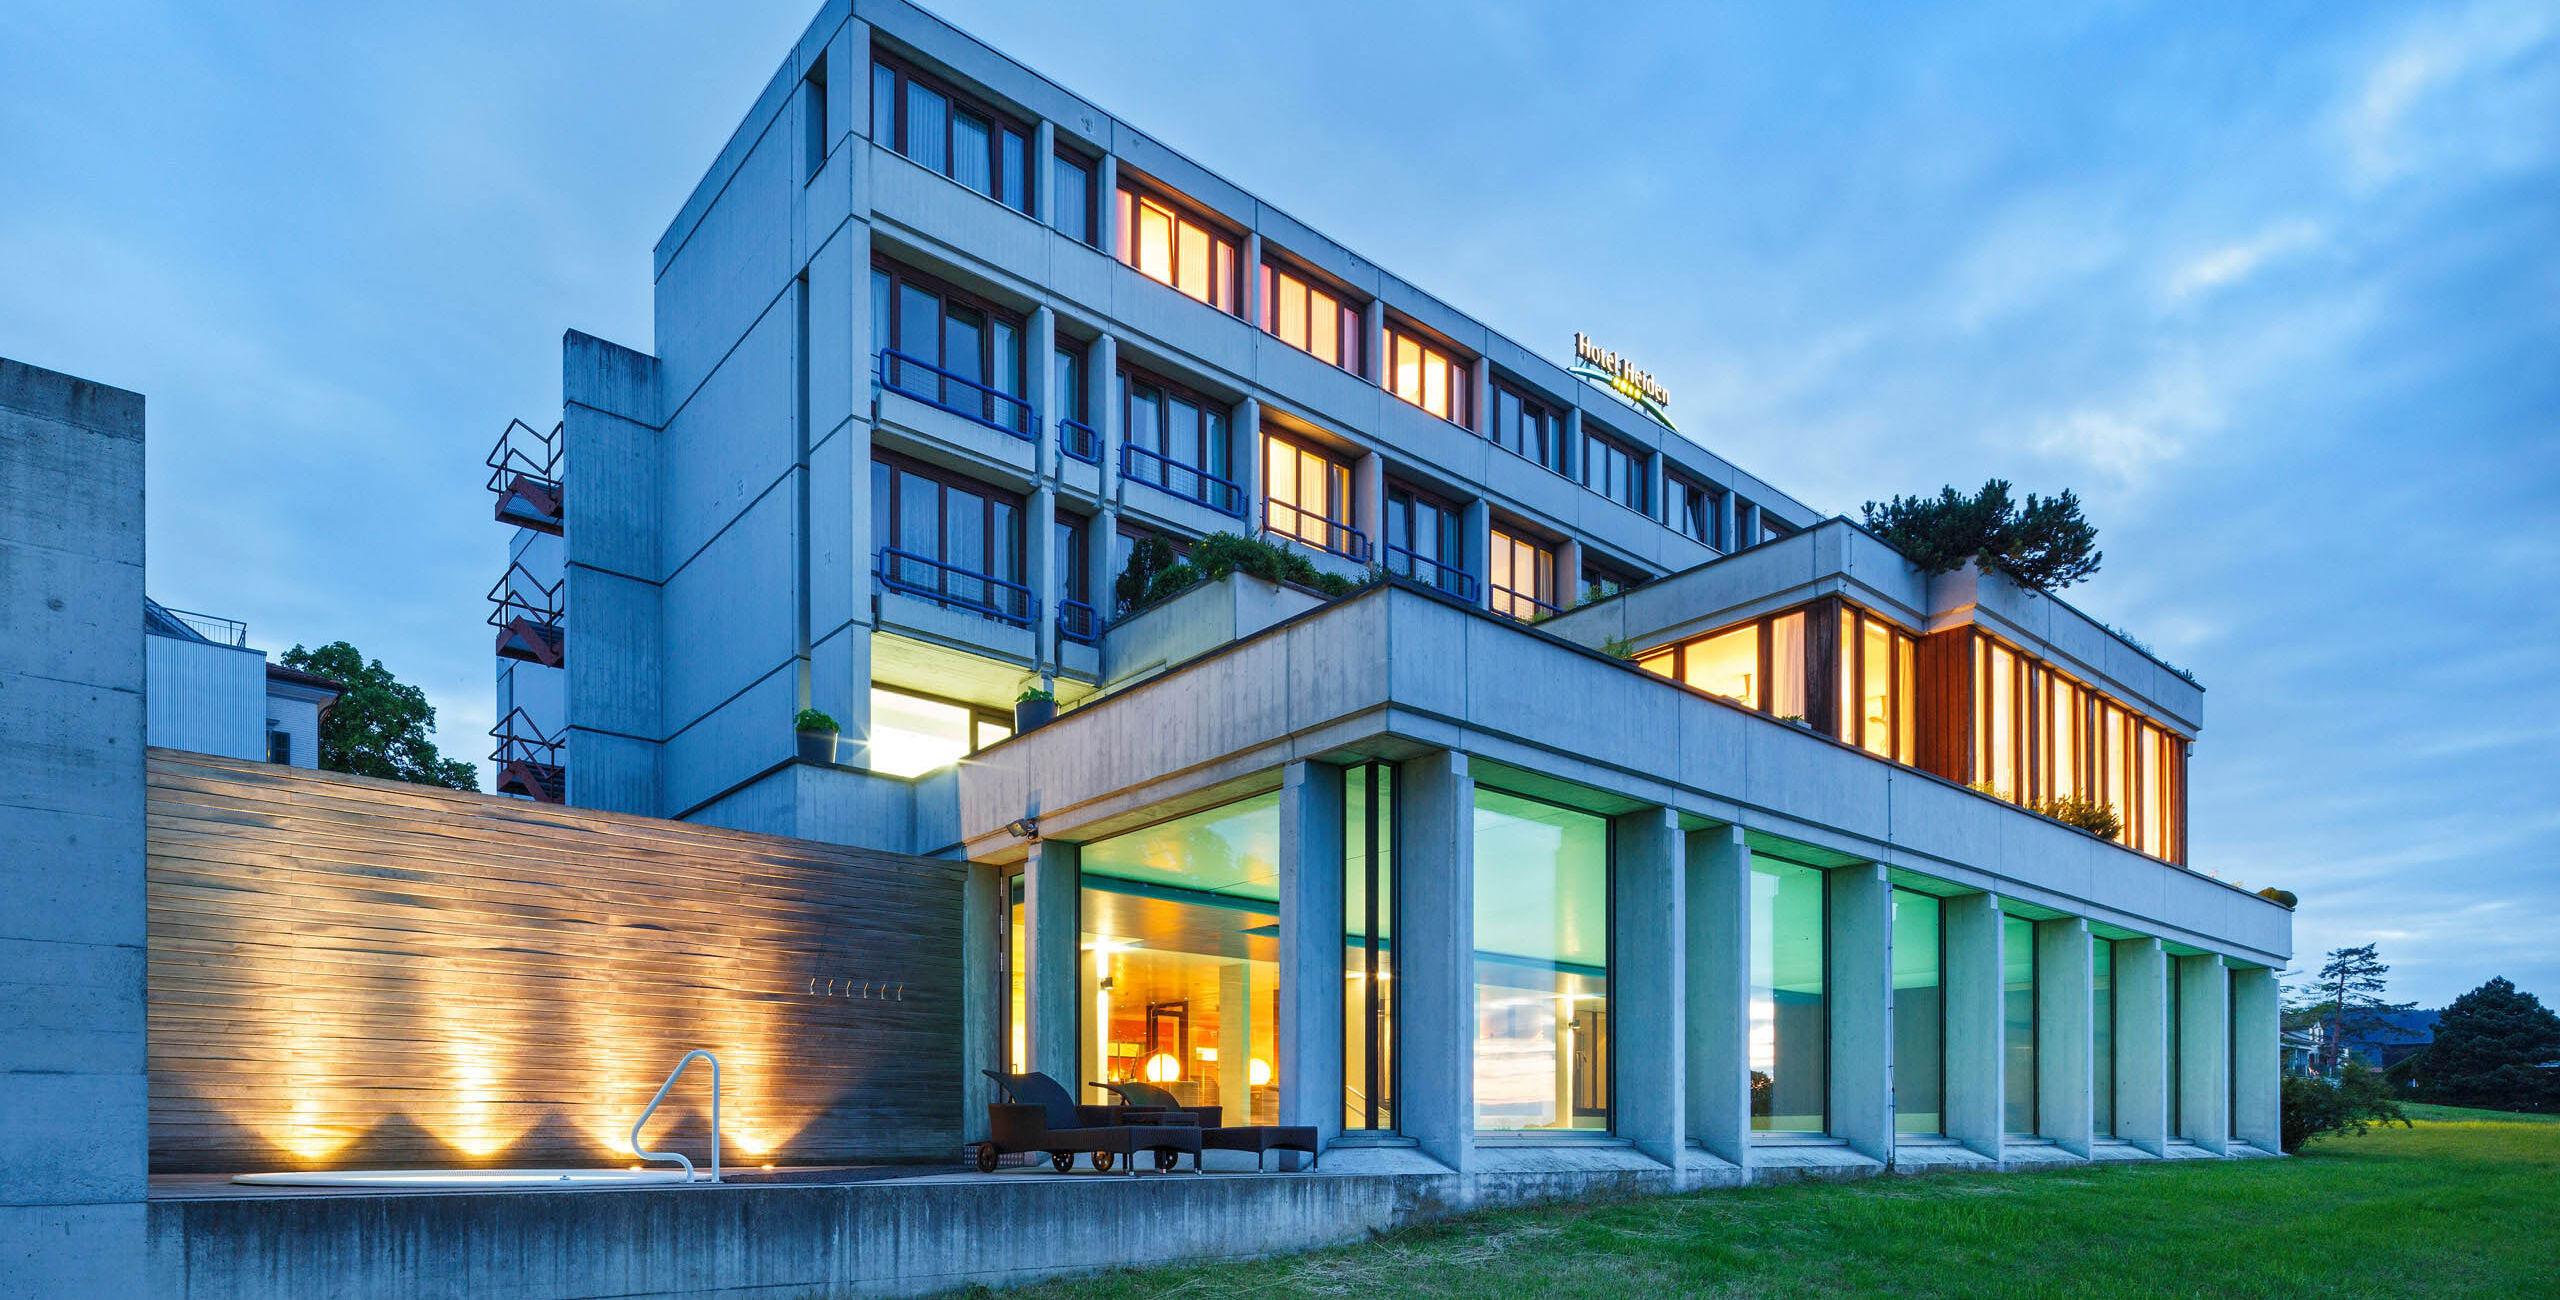 Hotel Heiden Das Schonste Hotel Am Bodensee Hotel Heiden